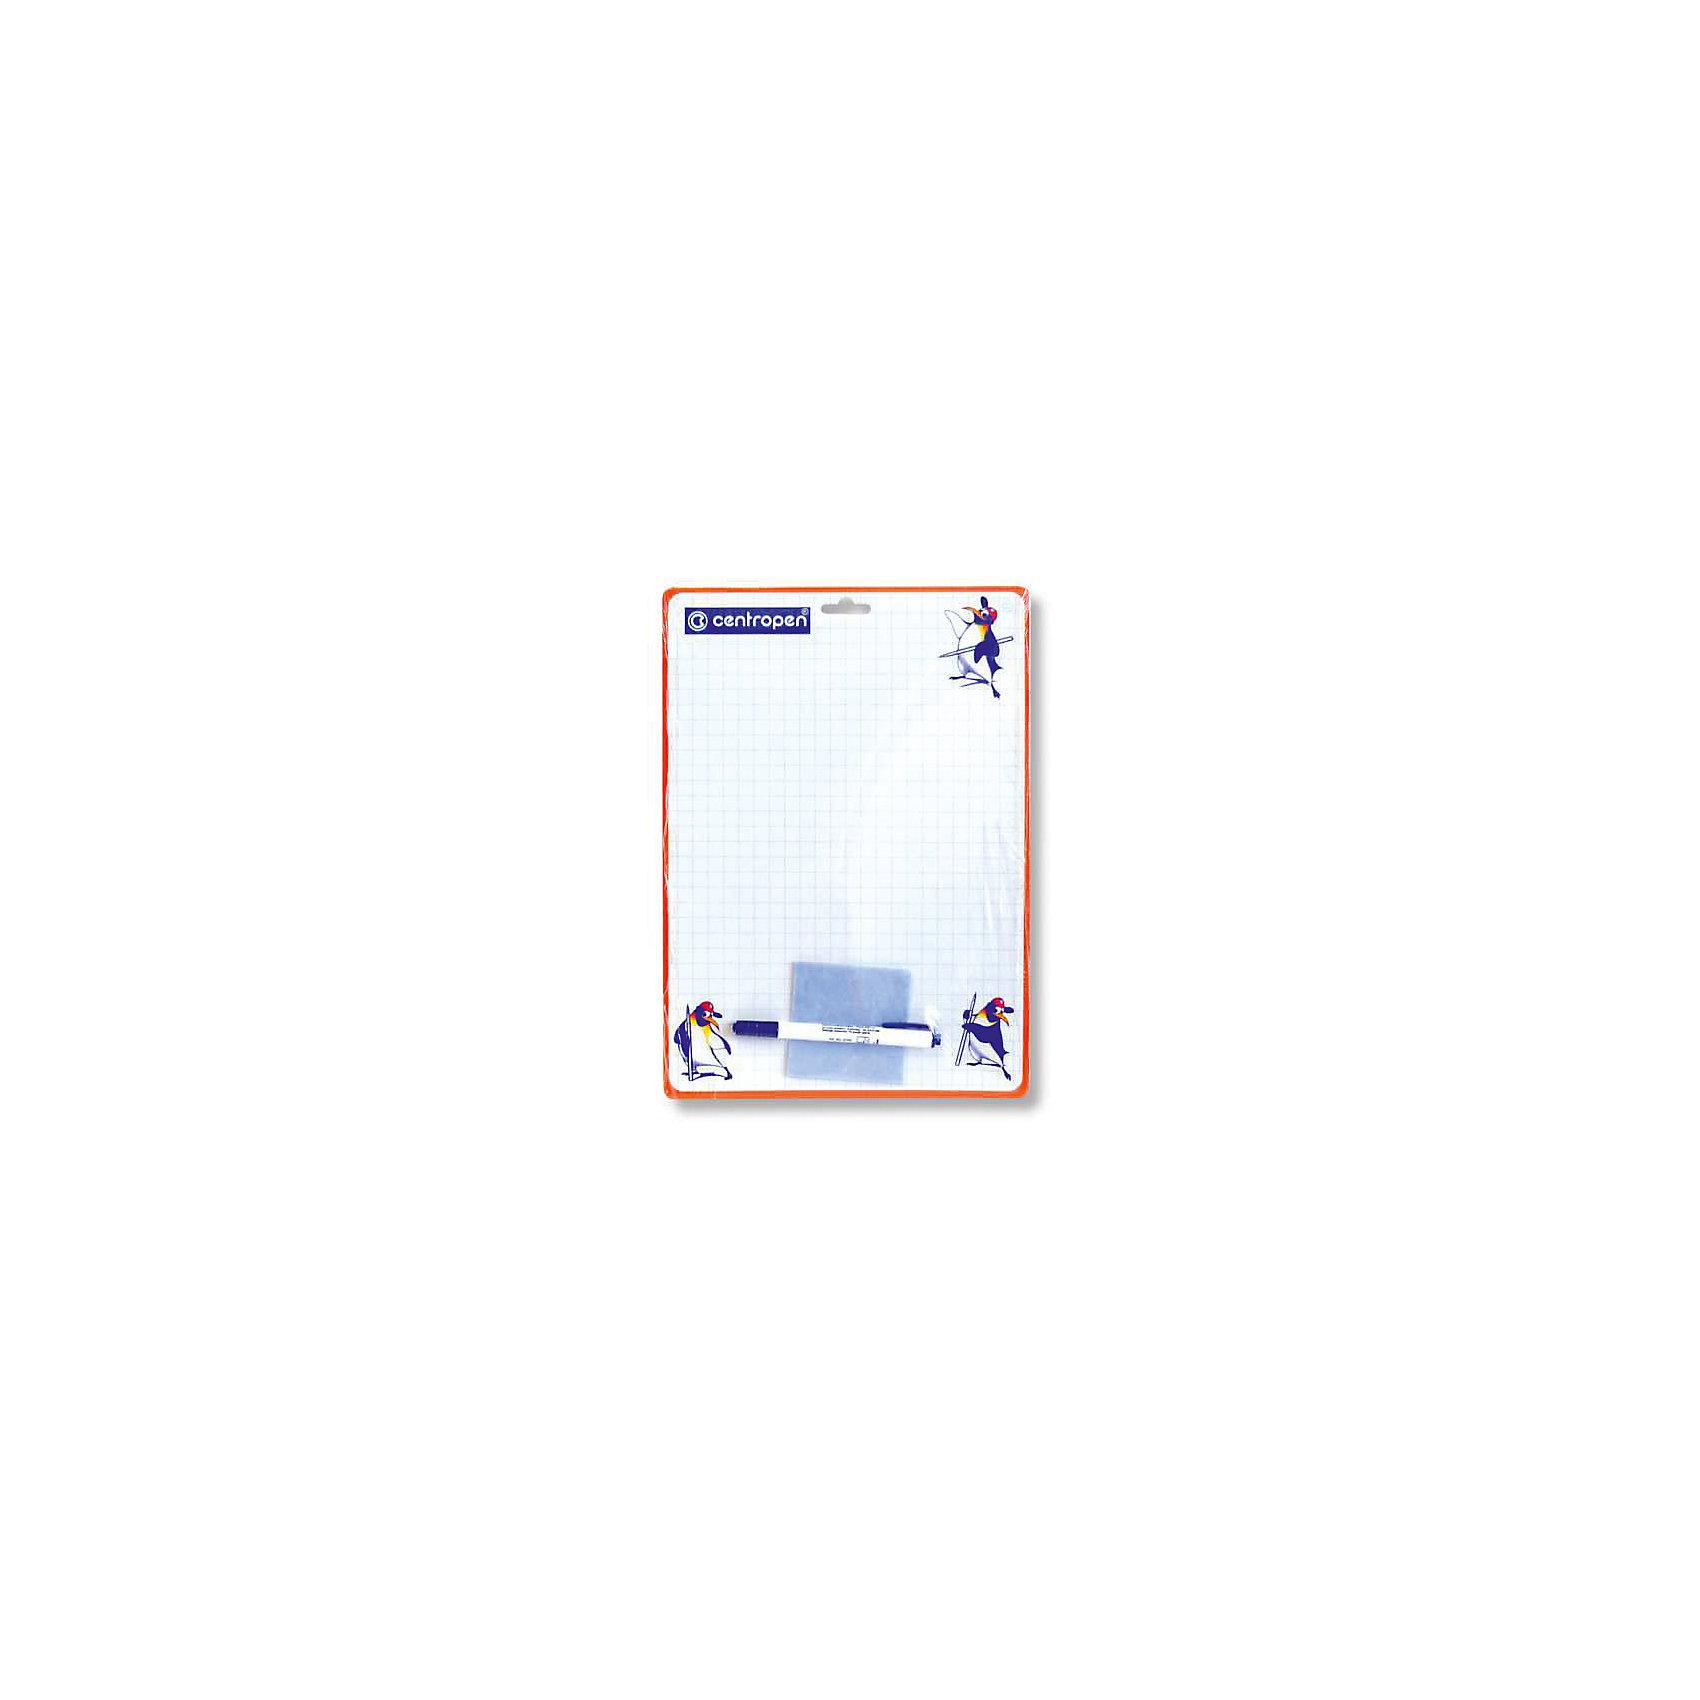 CENTROPEN Доска двухсторонняяДоски<br>Характеристики товара:<br><br>• есть отверстие для подвешивания;<br>• в комплекте: доска, маркер, салфетка;<br>• размер доски: 34х24 см;<br>• материал: пластик;<br>• размер упаковки: 1х34х24 см;<br>• вес: 122 грамма;<br>• возраст: от 3 лет.<br><br>На двусторонней доске удобно рисовать и выполнять различные задания. Поверхность доски выполнена в клетку и дополнена цветными рисунками. В комплект входят маркер и салфетка. Если ребенок совершит ошибку - изображение легко сотрется. А новый рисунок можно наносить сразу после удаления старого. На верхней части доски есть отверстие для подвешивания.<br><br>CENTROPEN Доску двухстороннюю можно купить в нашем интернет-магазине.<br><br>Ширина мм: 340<br>Глубина мм: 240<br>Высота мм: 10<br>Вес г: 122<br>Возраст от месяцев: 36<br>Возраст до месяцев: 168<br>Пол: Унисекс<br>Возраст: Детский<br>SKU: 6859010